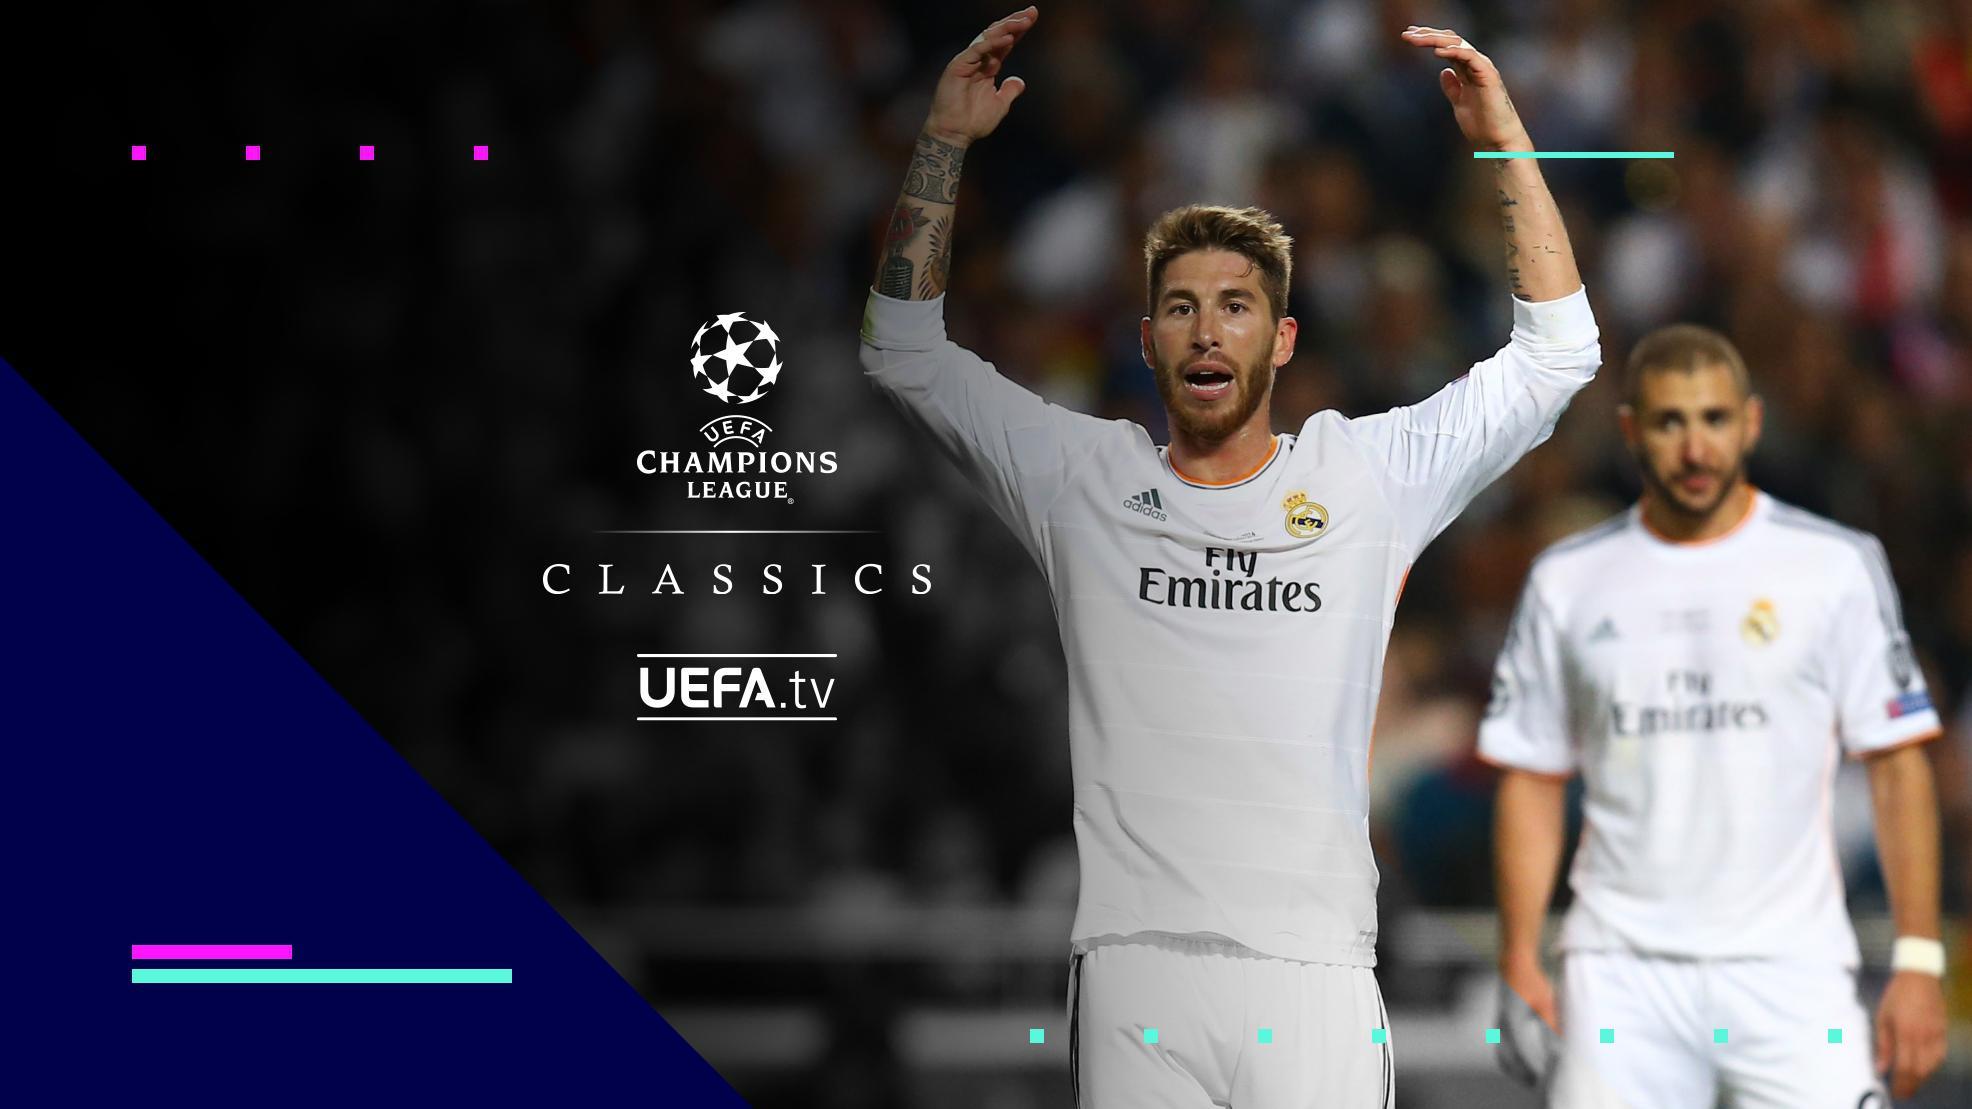 champions league live free tv heute